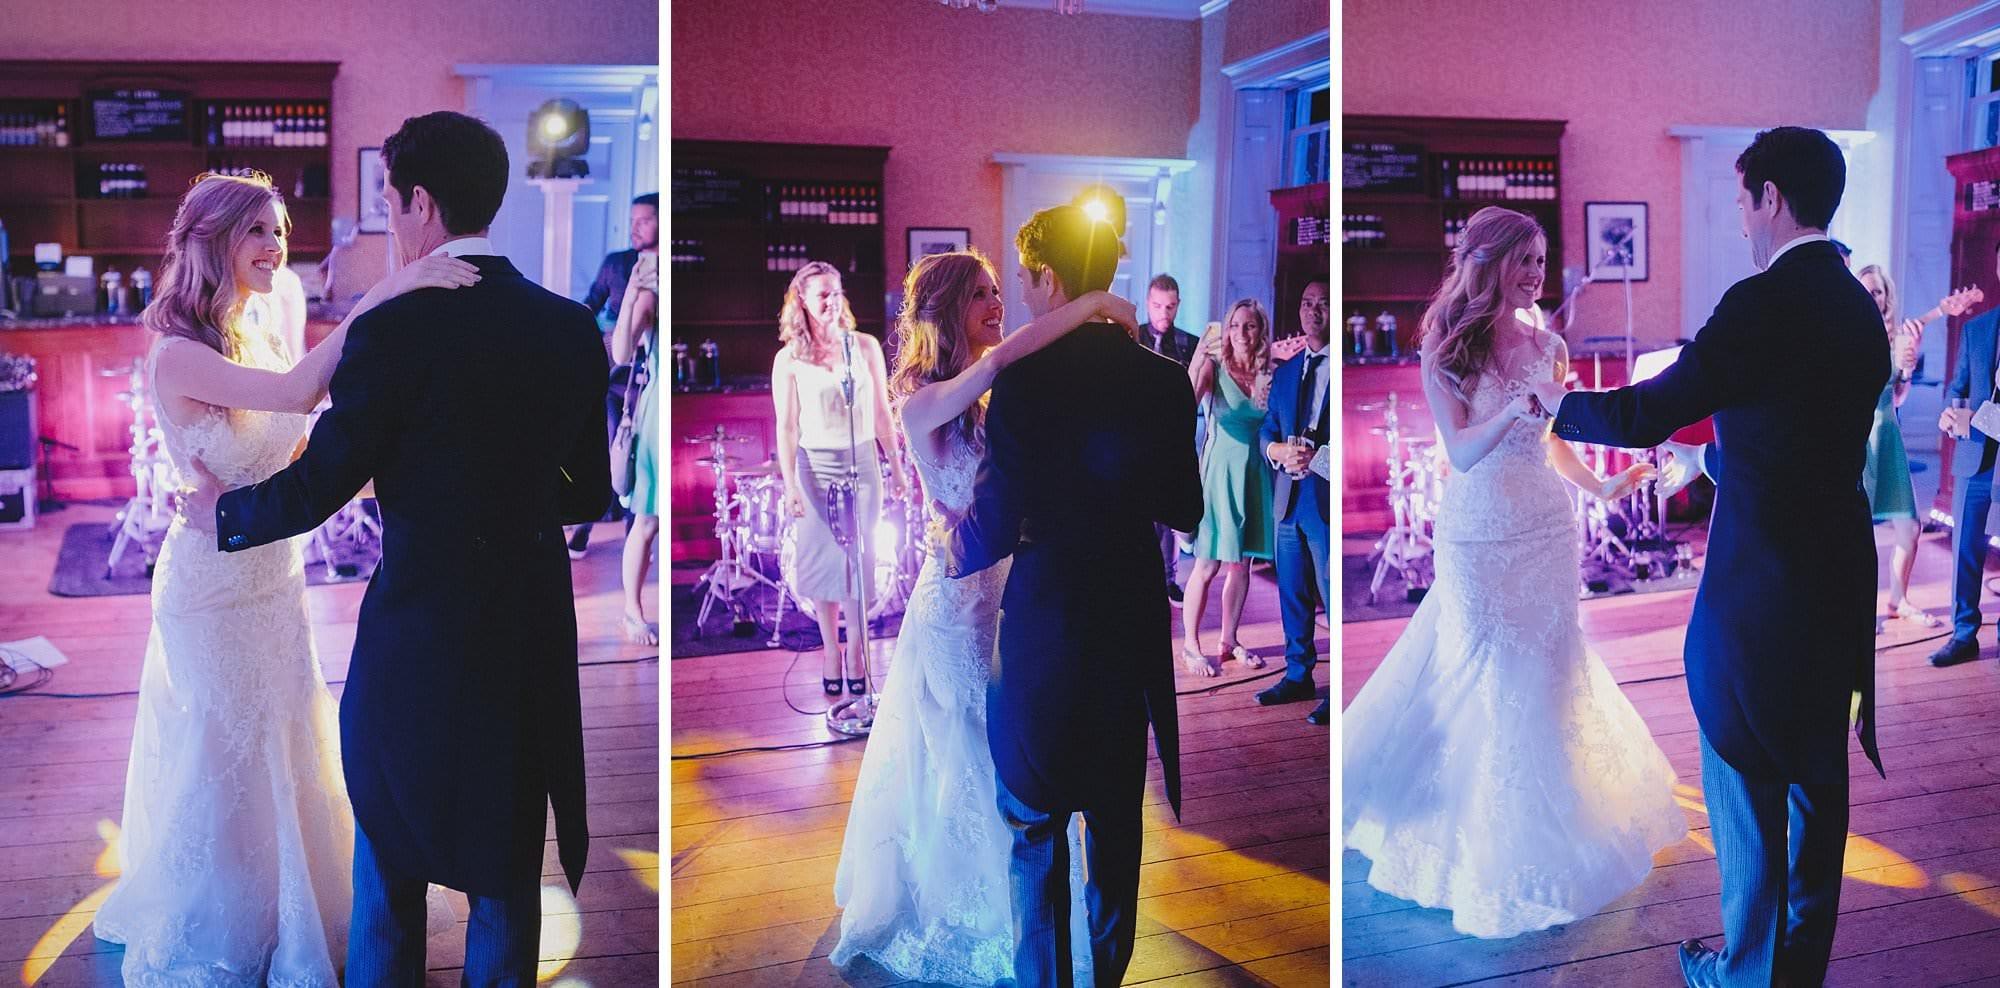 fulham palace wedding photographer 089 - Rosanna & Duncan's Fulham Palace Wedding